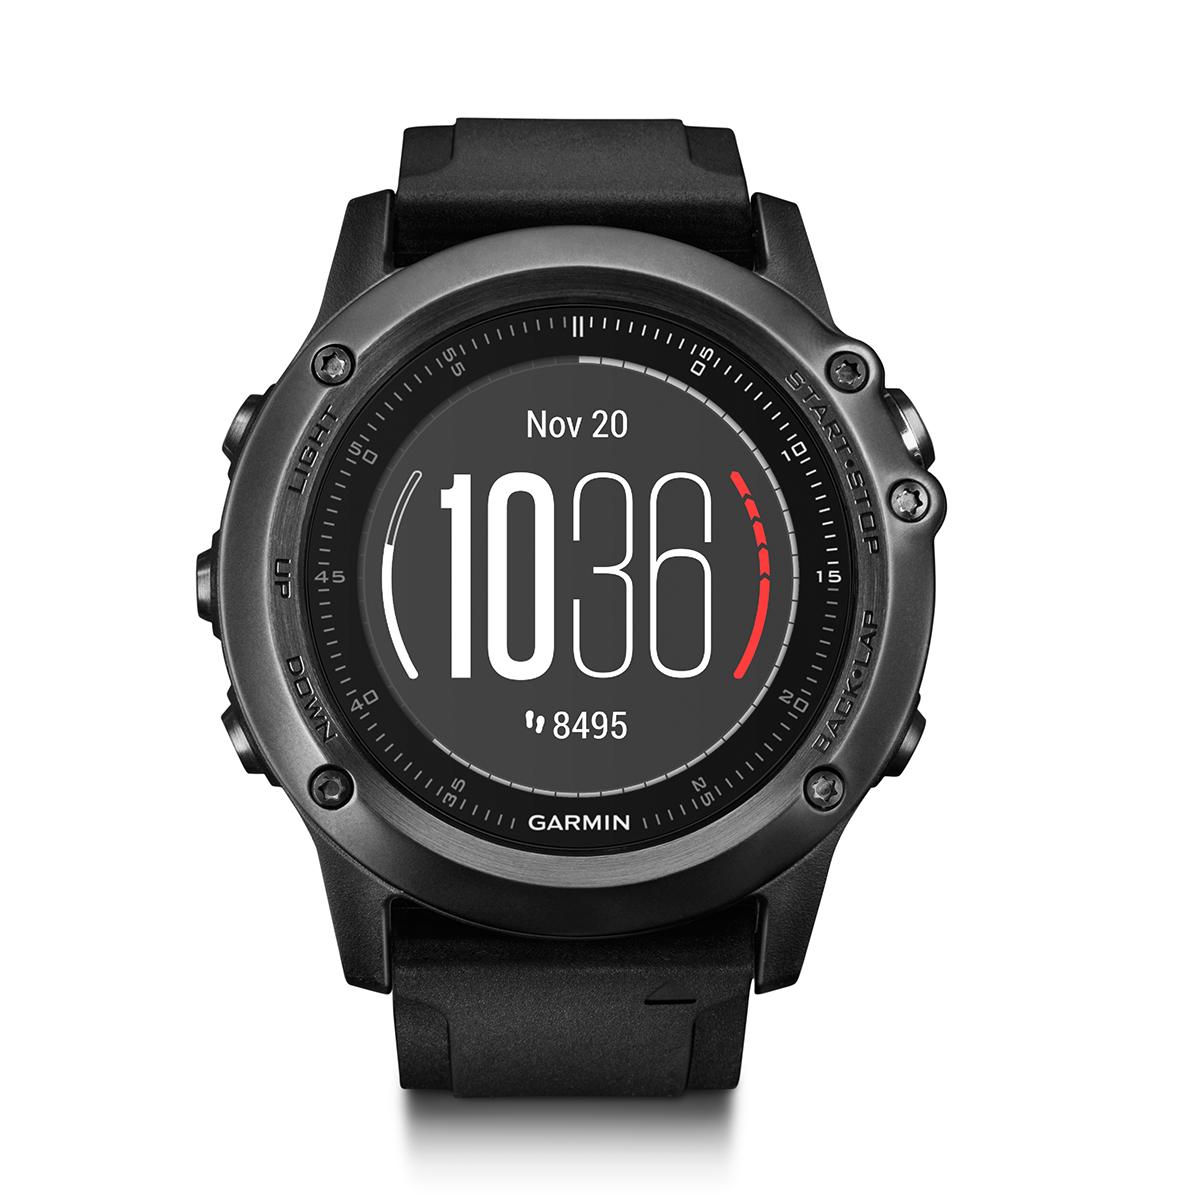 Умные часы Garmin Fenix 3 Sapphire HR, цвет: черный, серый. 010-01338-71ALC-MB10-3AALRU1-1Оптический пульсометрElevateна запястьеМониторинг: Физической активностиДатчики: GPS- трекер;Барометр;Гироскоп;Компас;ПульсометрОсобенности: Влагозащищенный;Оповещения со смартфона;Часы;Водонепроницаемый;ПротивоударныйСовместимое ОС: GARMINМатериал корпуса: Нержавеющий медицинский металлМатериал ремешка/браслета: СиликонДлина ремешка: 16 см Время работы: 6 недельИнтерфейс: BluetoothМетод зарядки: microUSB 2.0Вид аккумулятора: Li-ionЕмкость аккумулятора: 300 mA